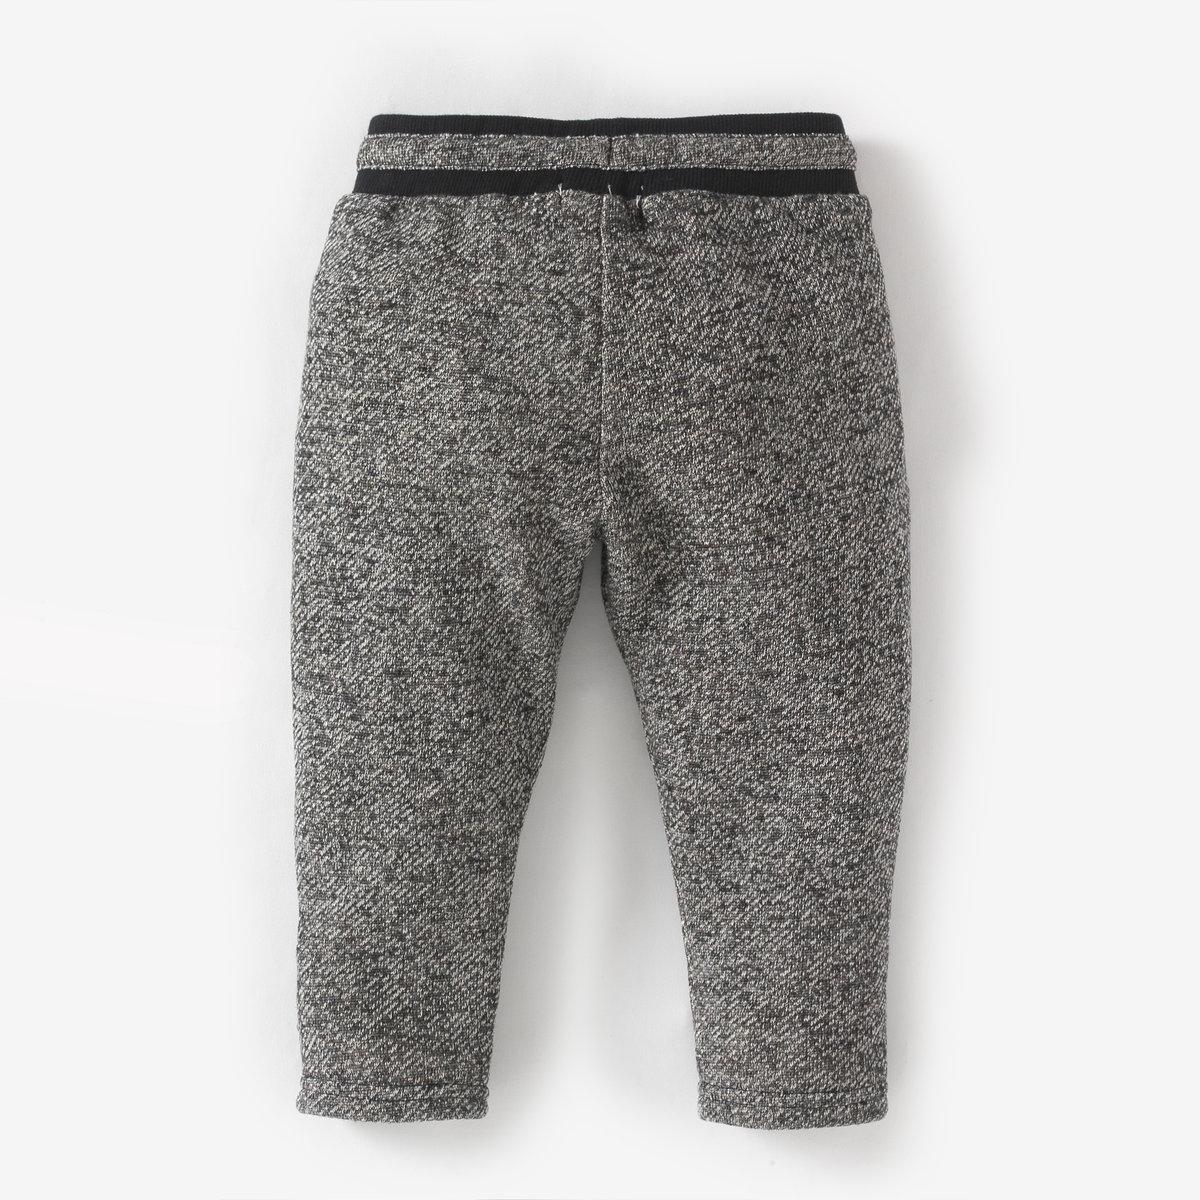 Спортивные брюки, 1 месяц-3 годаСпортивные брюки из трикотажа меланж 83% хлопка, 17% полиэстера. Эластичный пояс с завязками. 2 ложных прорезных кармана. Стеганые нашивки на коленях. Отвороты внизу брючин.<br><br>Цвет: серый меланж<br>Размер: 1 мес. - 54 см.3 мес. - 60 см